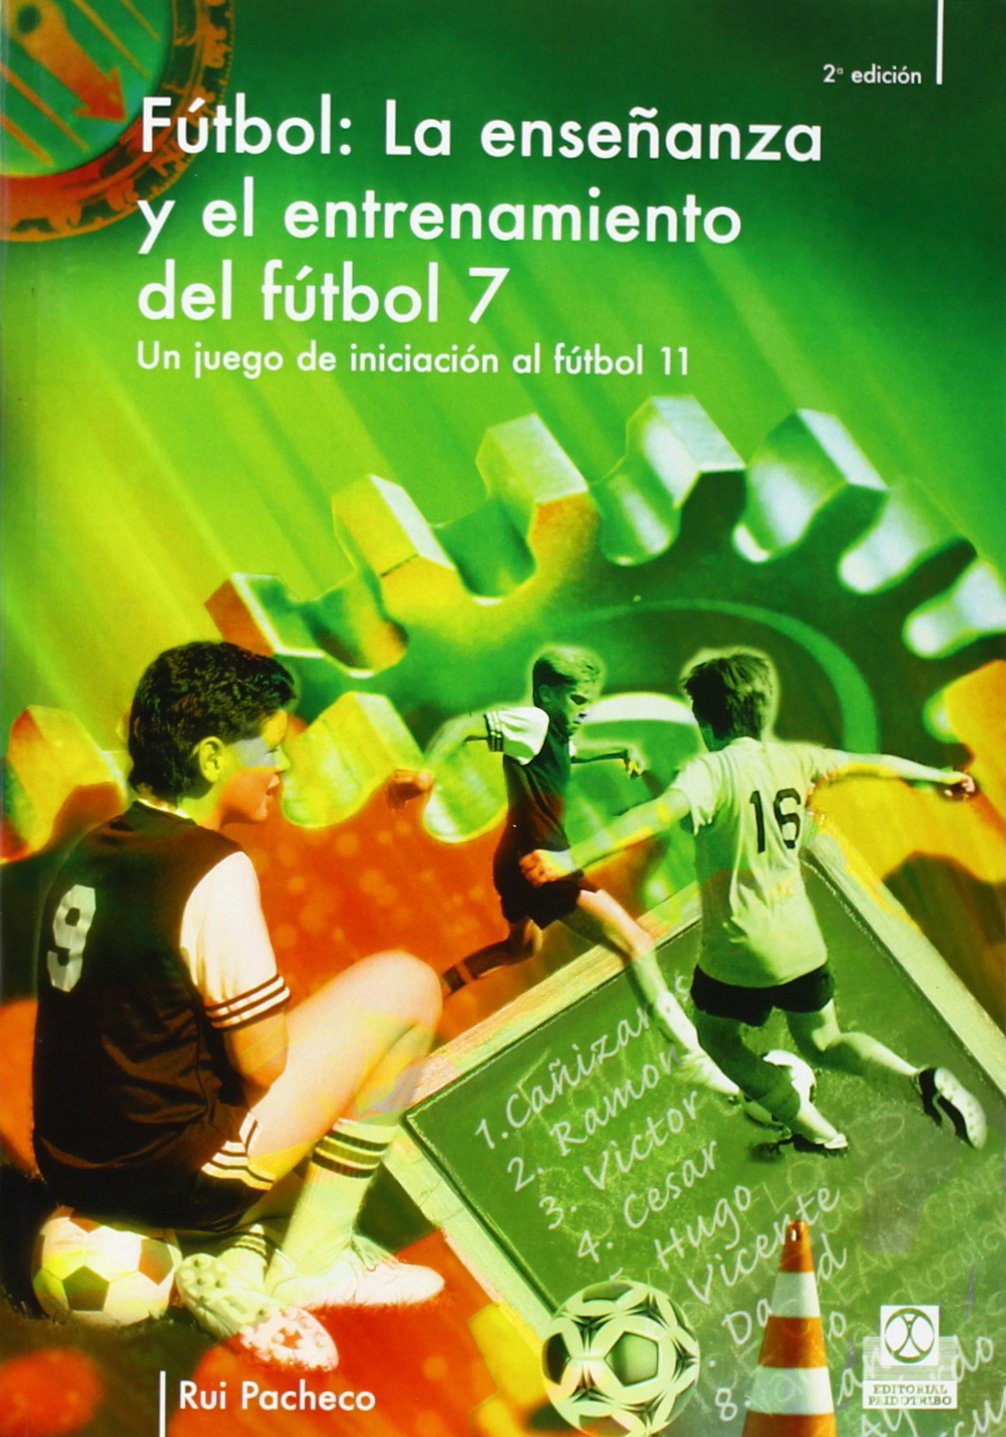 ENSEÑANZA Y ENTRENAMIENTO DEL FÚTBOL 7. Un juego de iniciación al fútbol 11, LA (Deportes) Tapa blanda – 14 jun 2007 Rui Pacheco Paidotribo 8480196963 Soccer